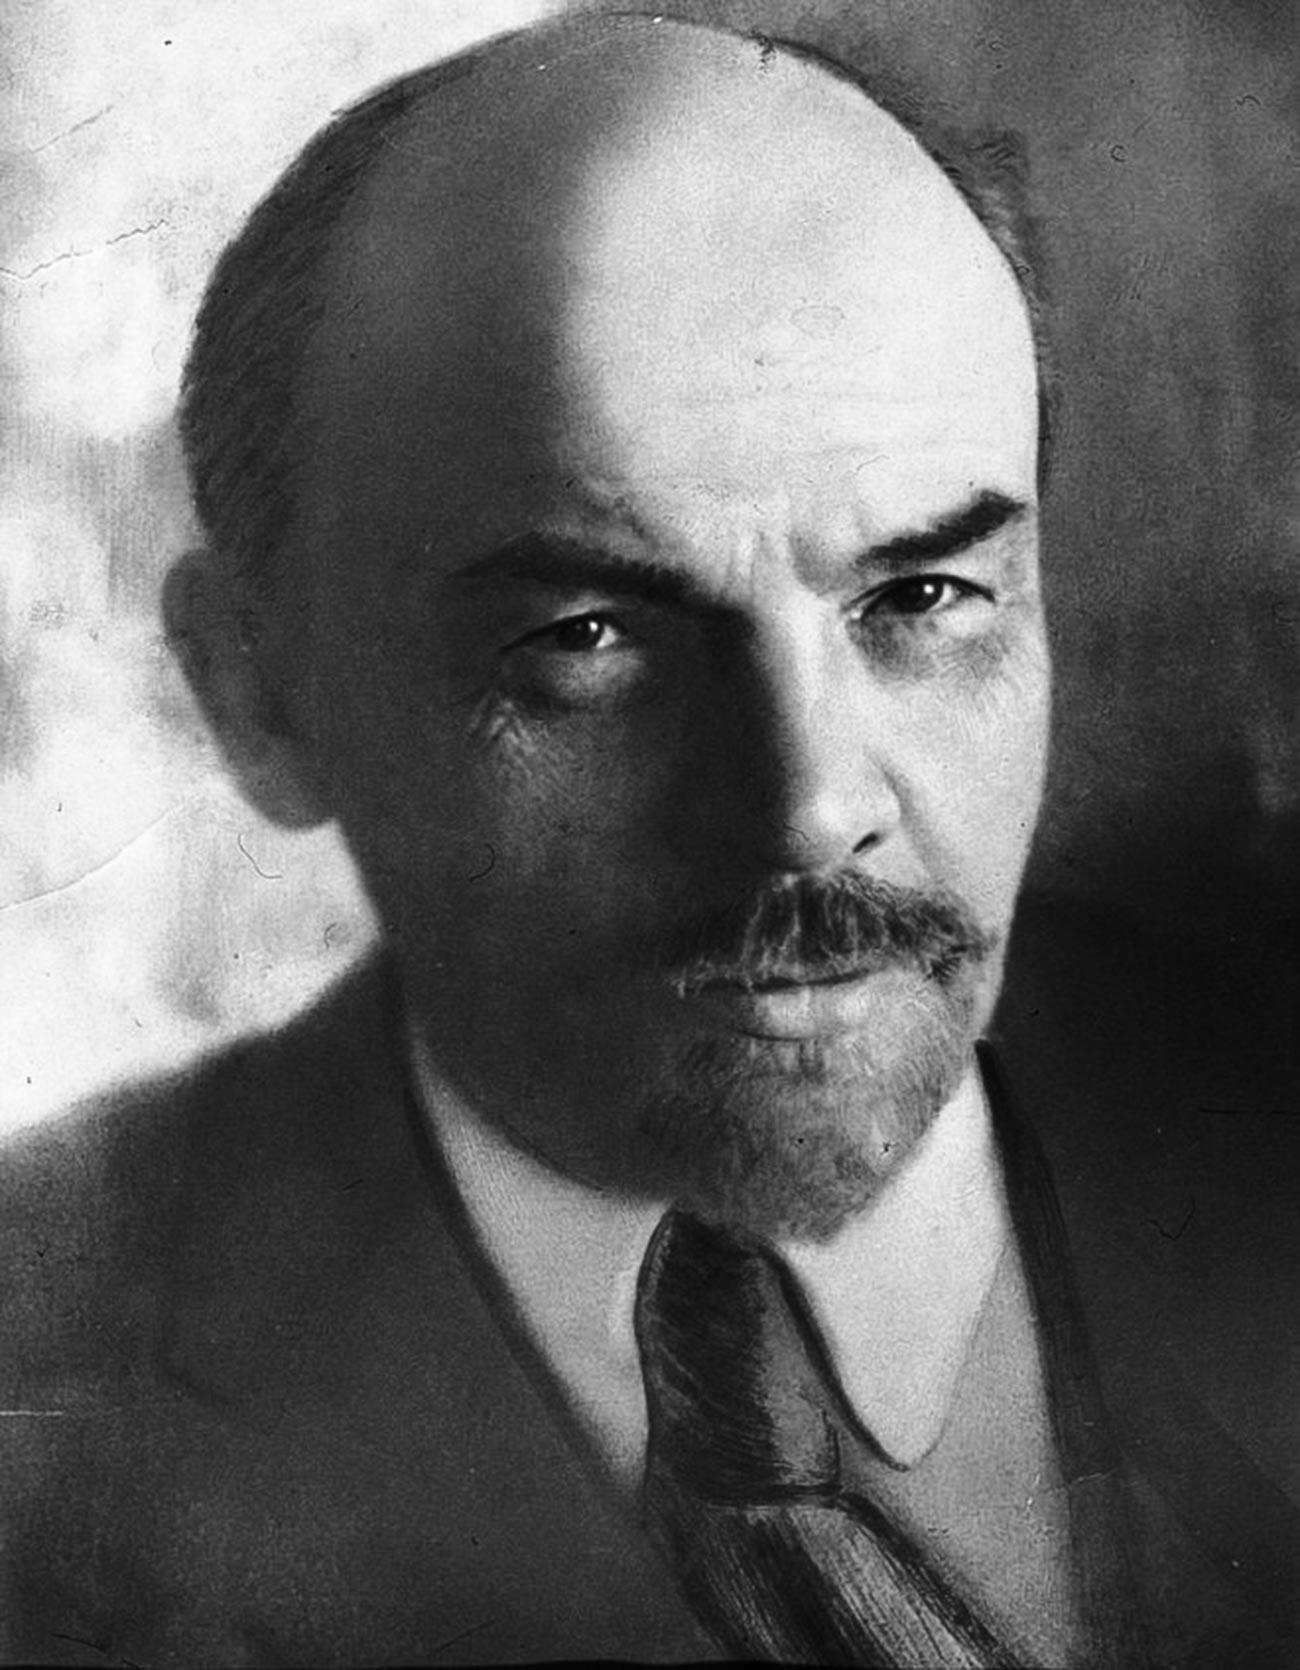 El primer líder soviético, Vladímir Lenin, 1918